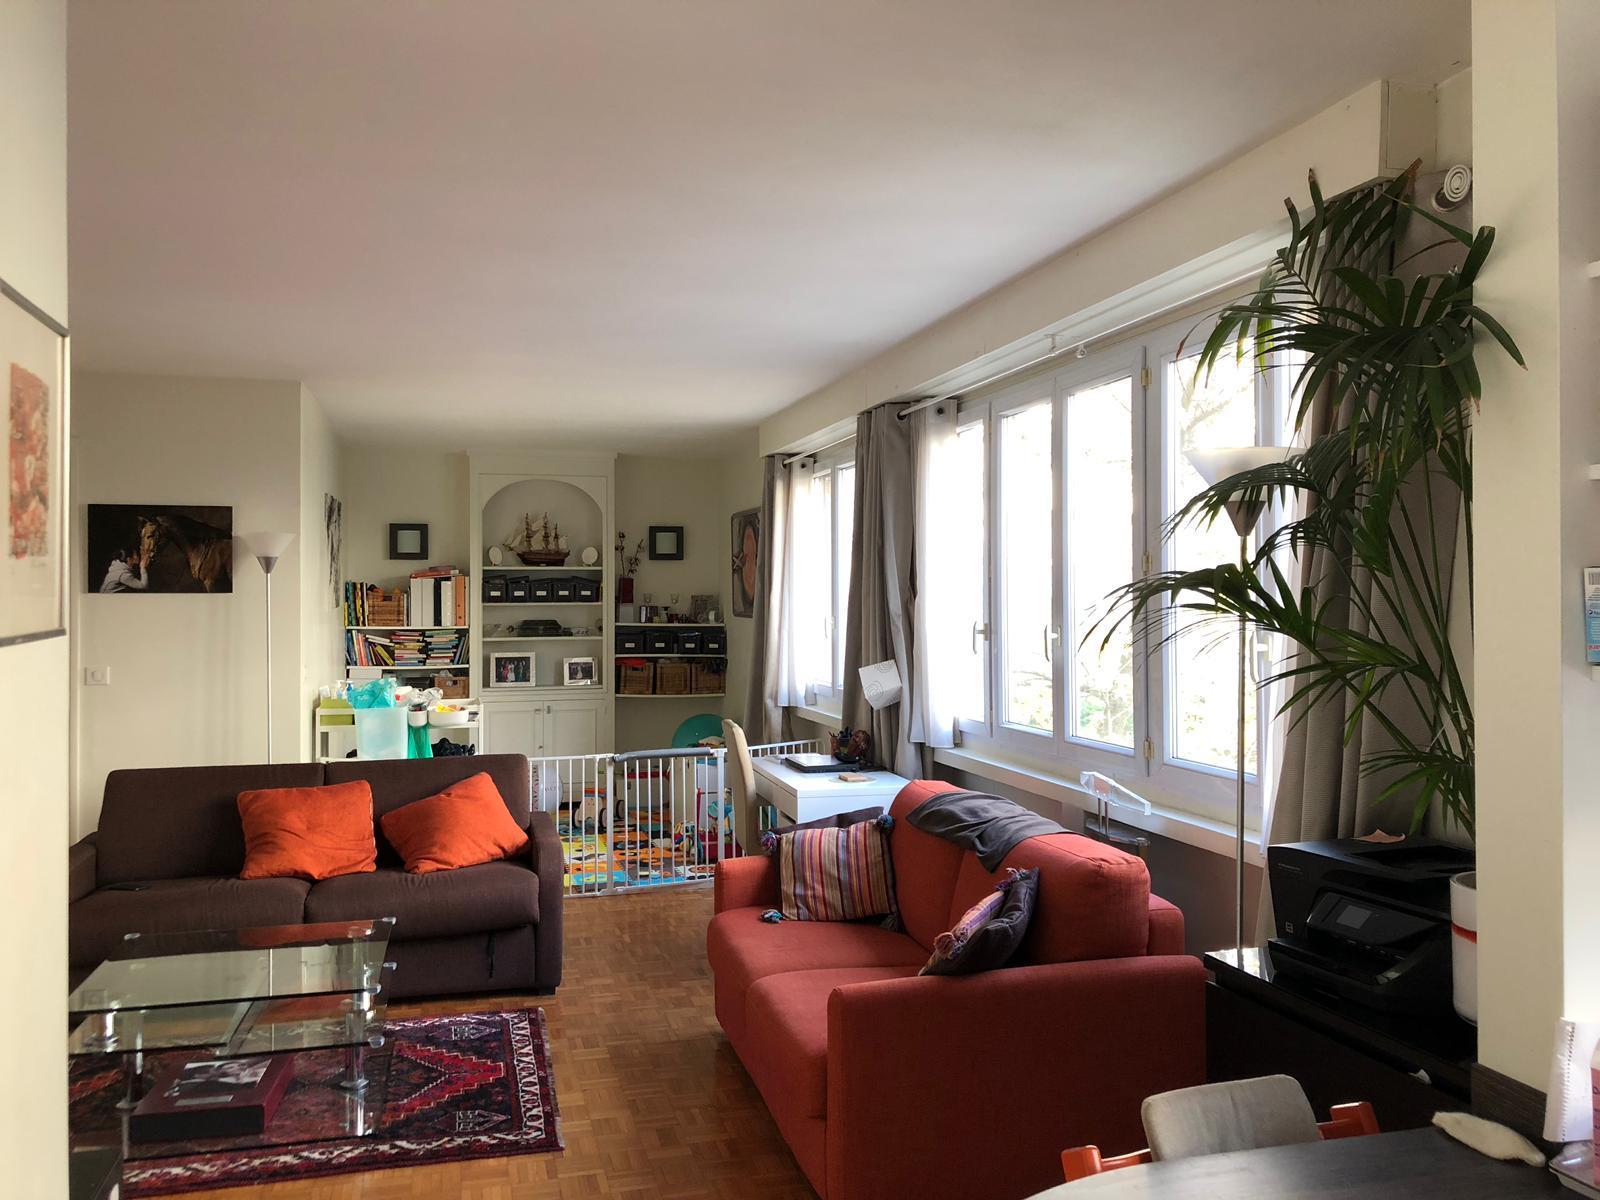 Vente appartement de 76 m2 à Neuilly-sur-Seine